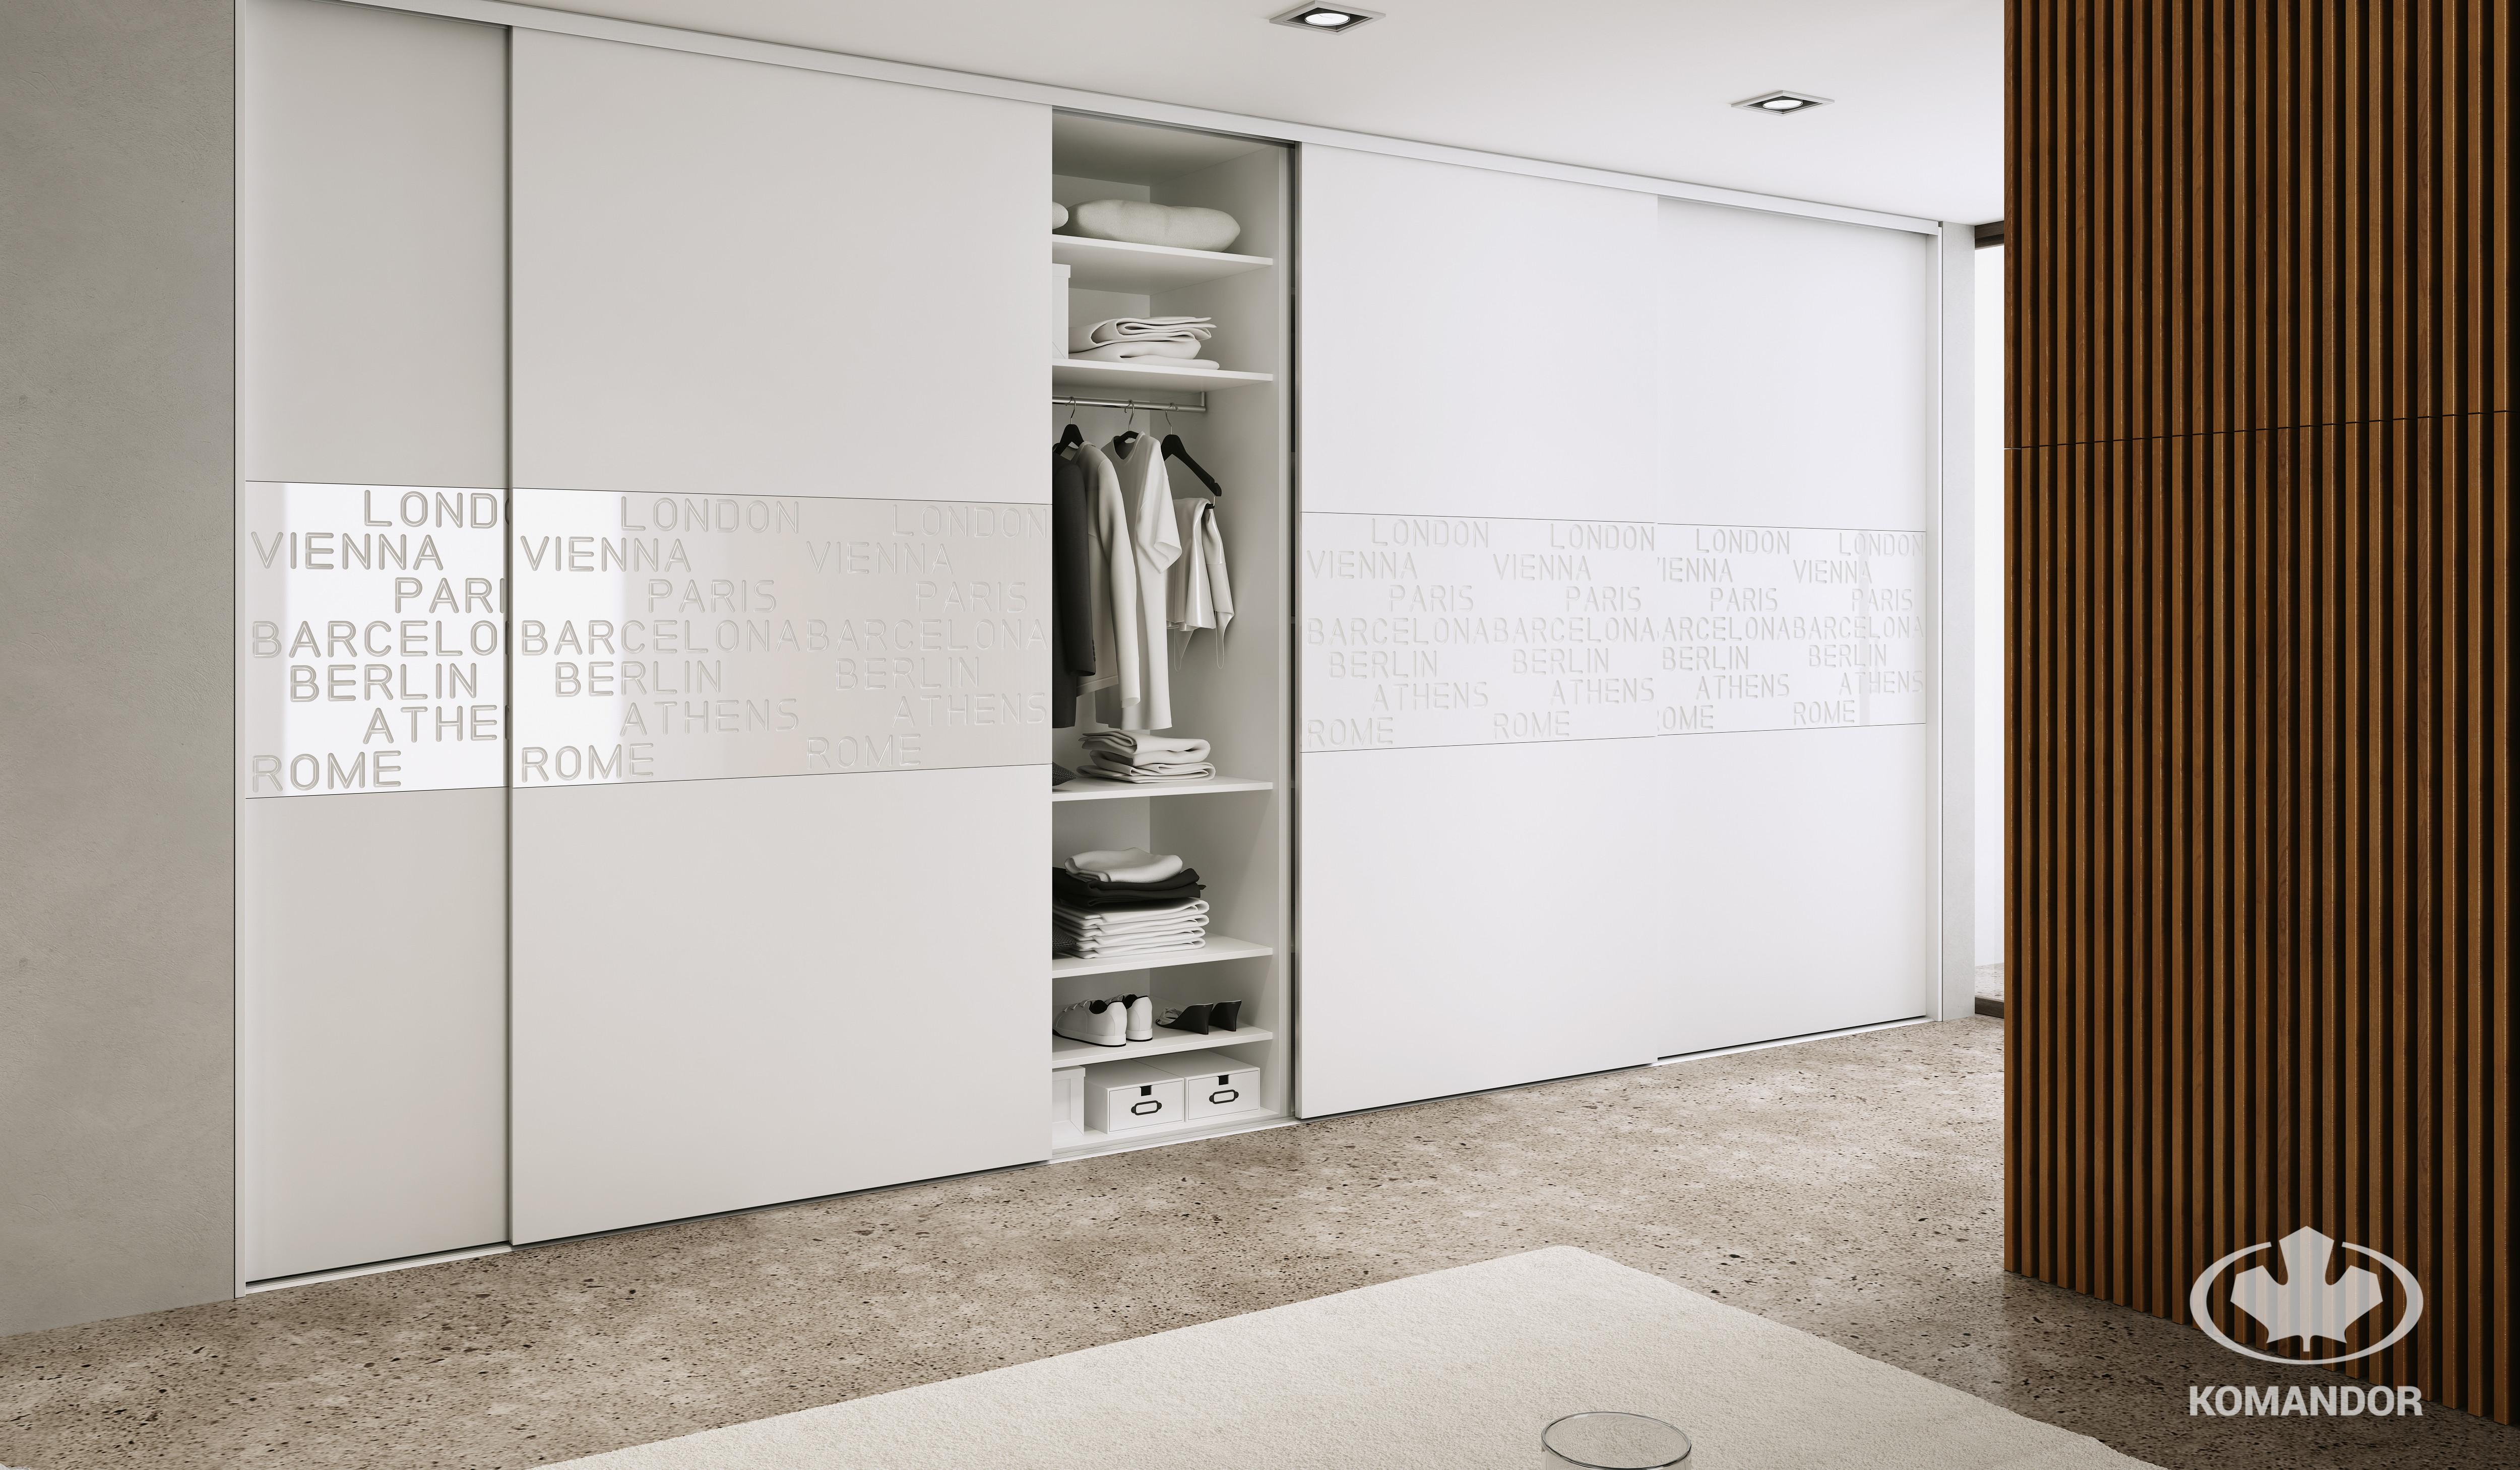 Szafa w stylu minimalistycznym i trend wyrafinowany minimalizm